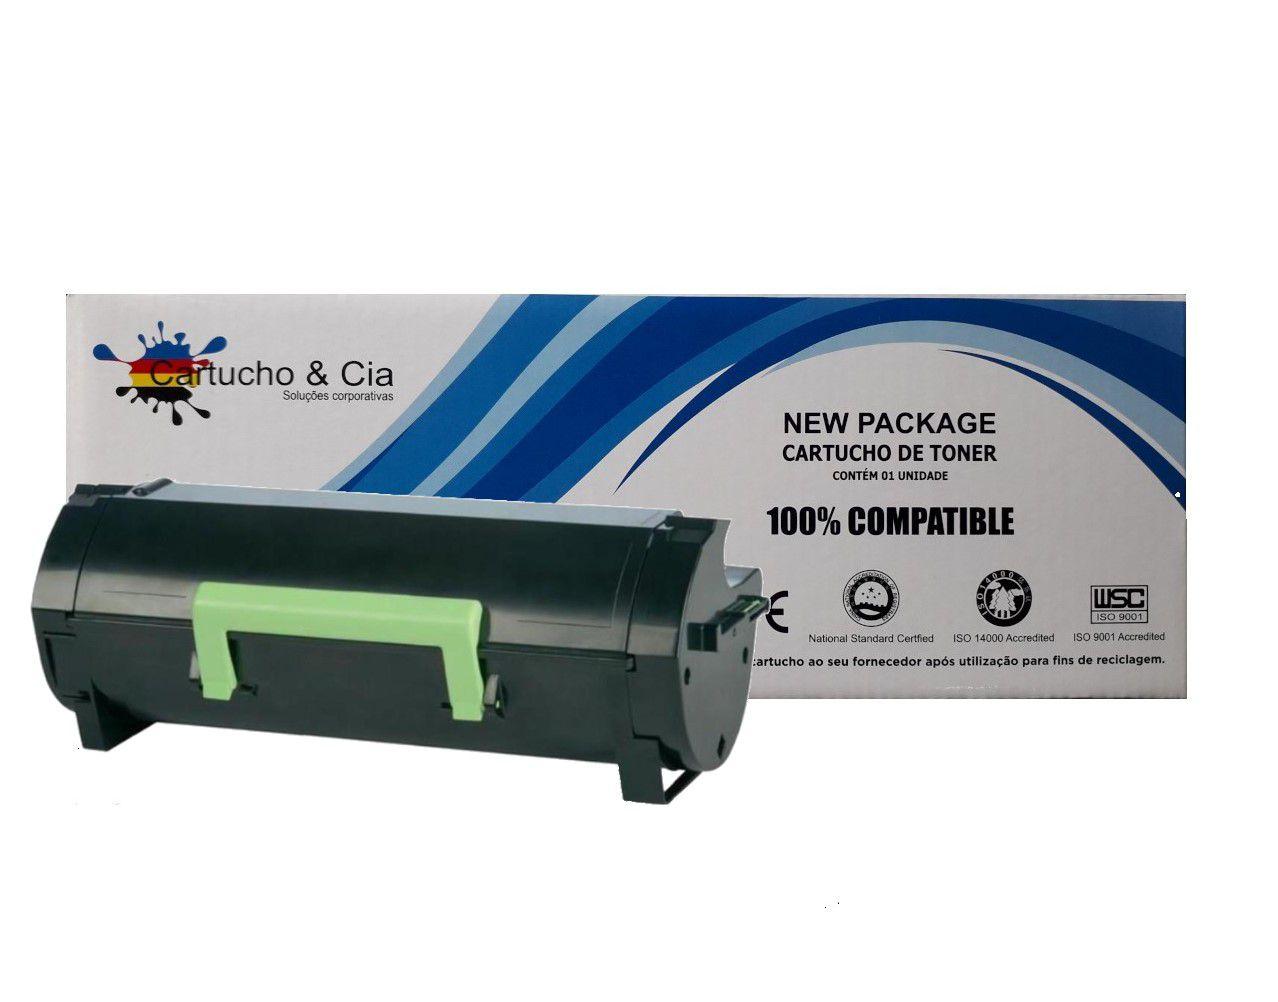 Toner compatível com LEXMARK 51B 51B00A0 MS317DN MX317DN Black 2.500 Páginas - Cartucho & Cia